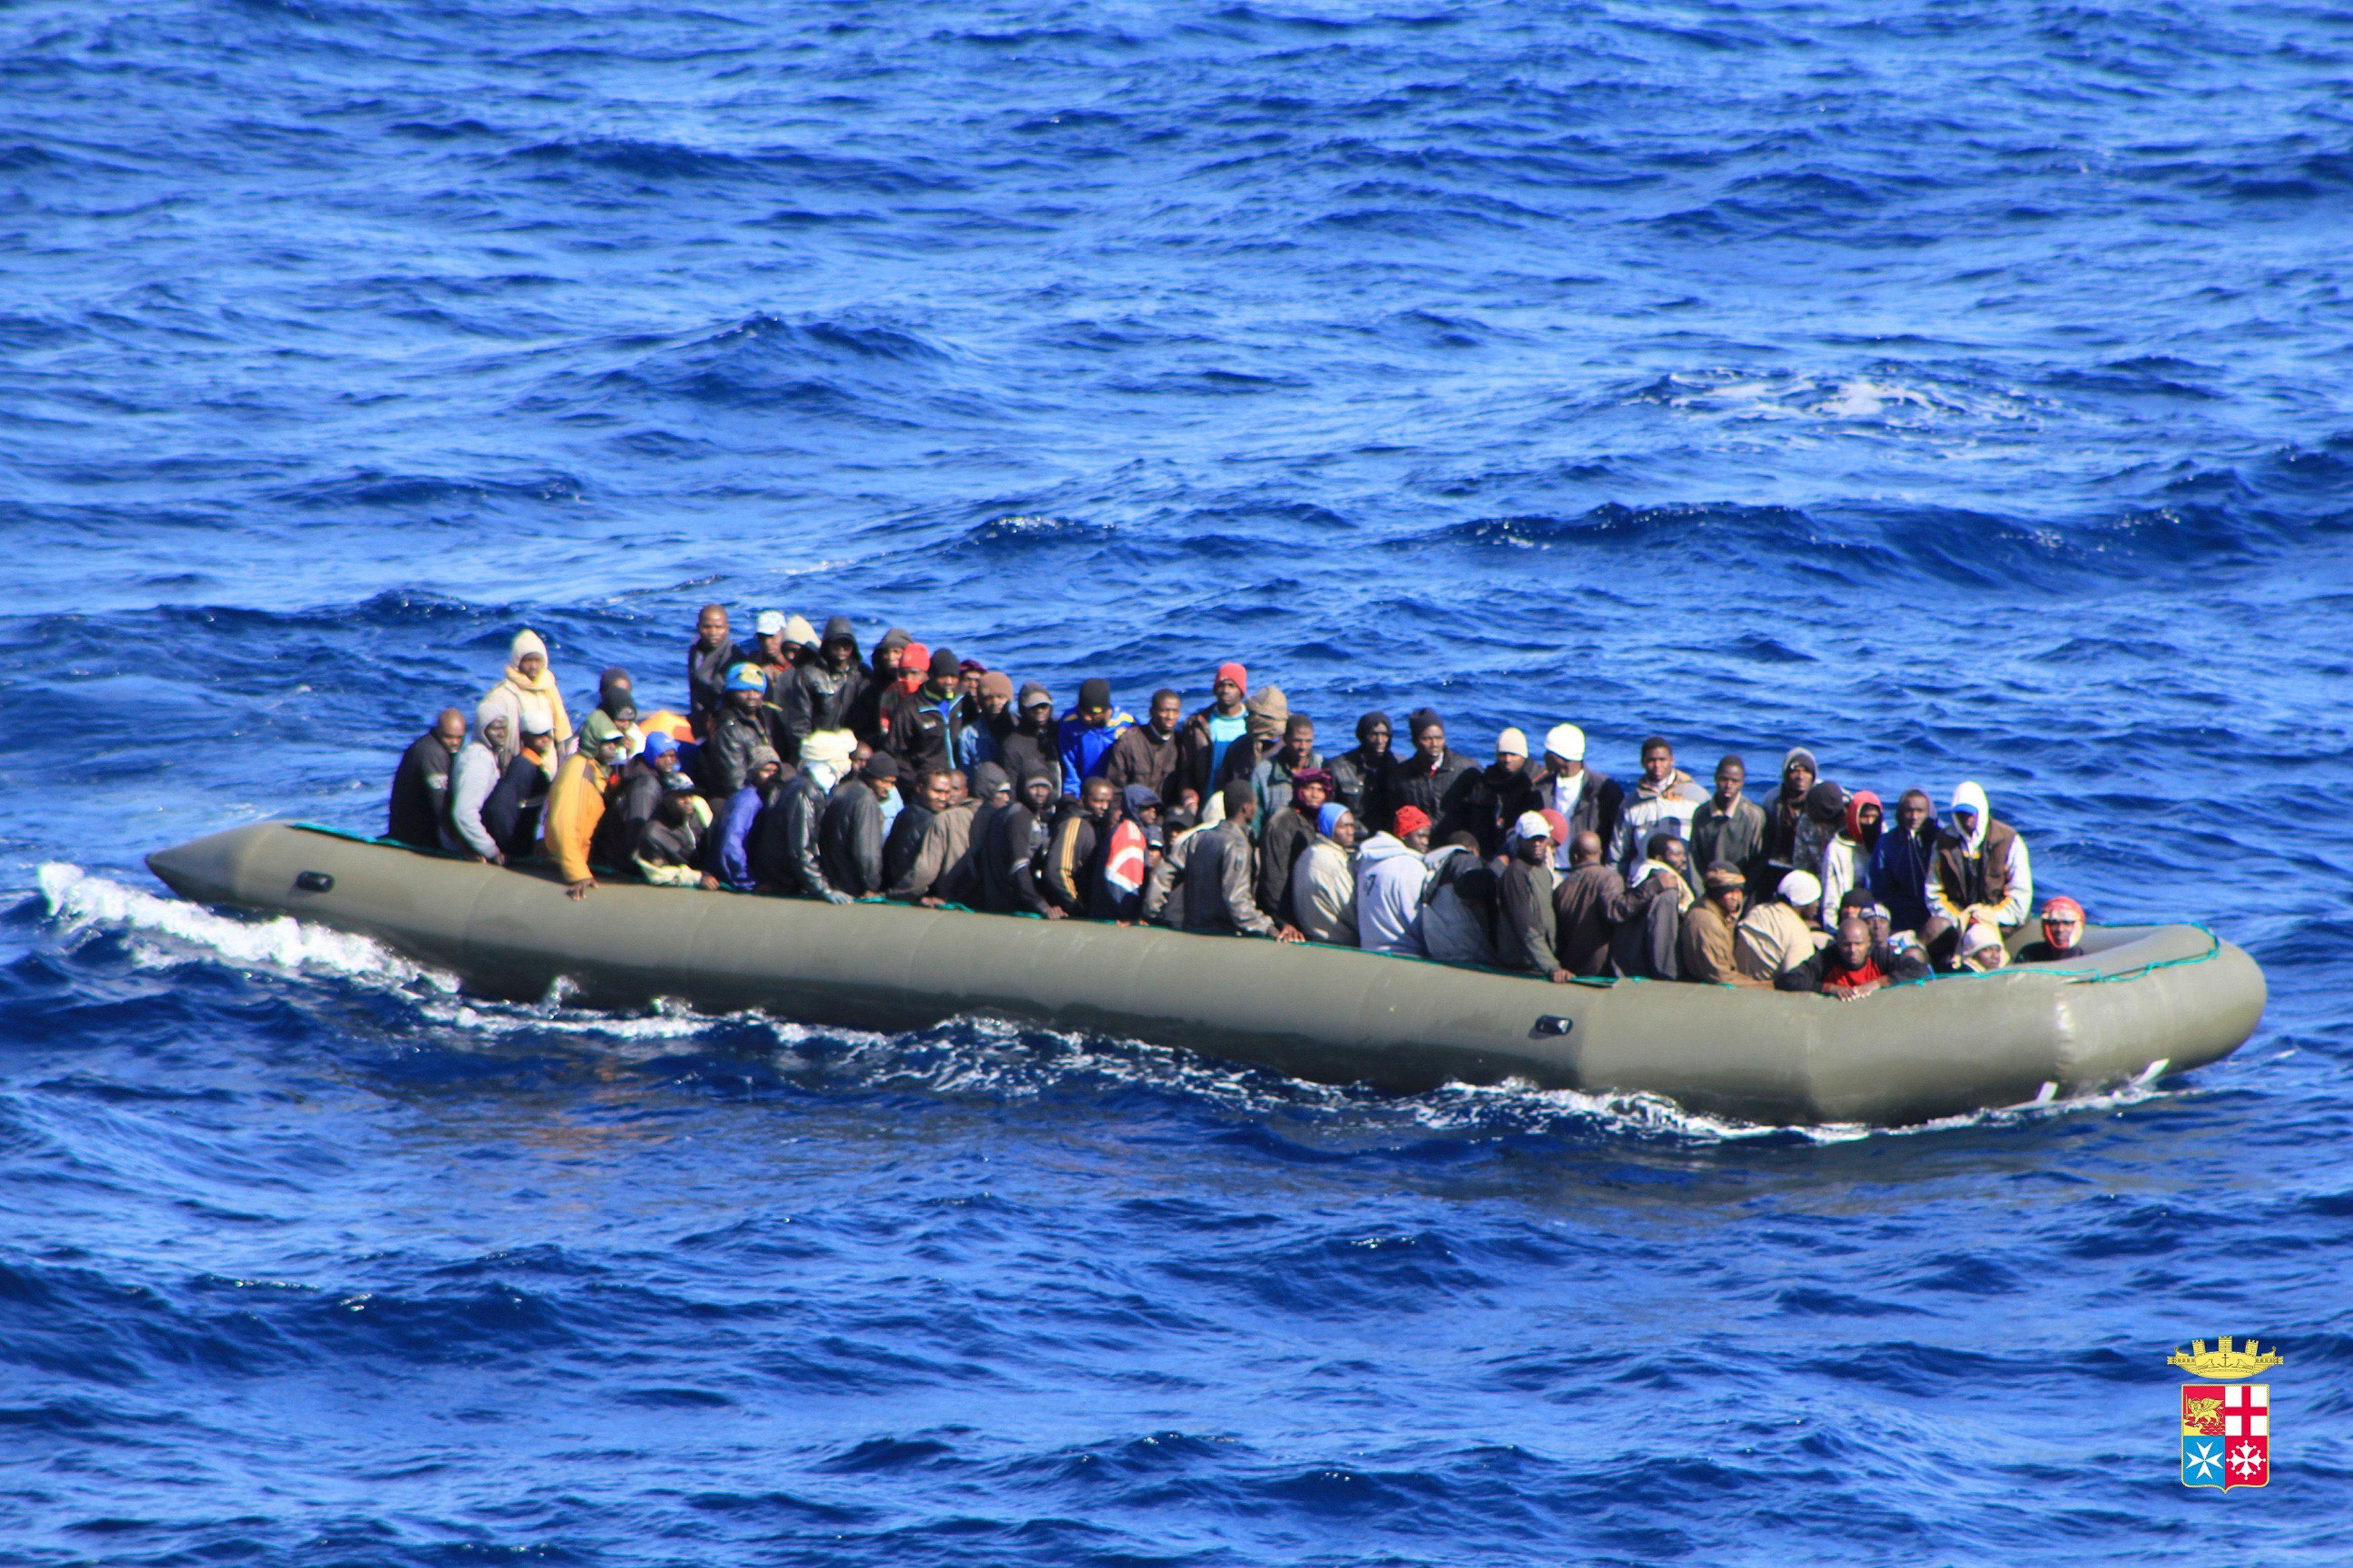 L'effrayante vidéo qui montre des garde-côtes grecs couler un canot rempli de migrants